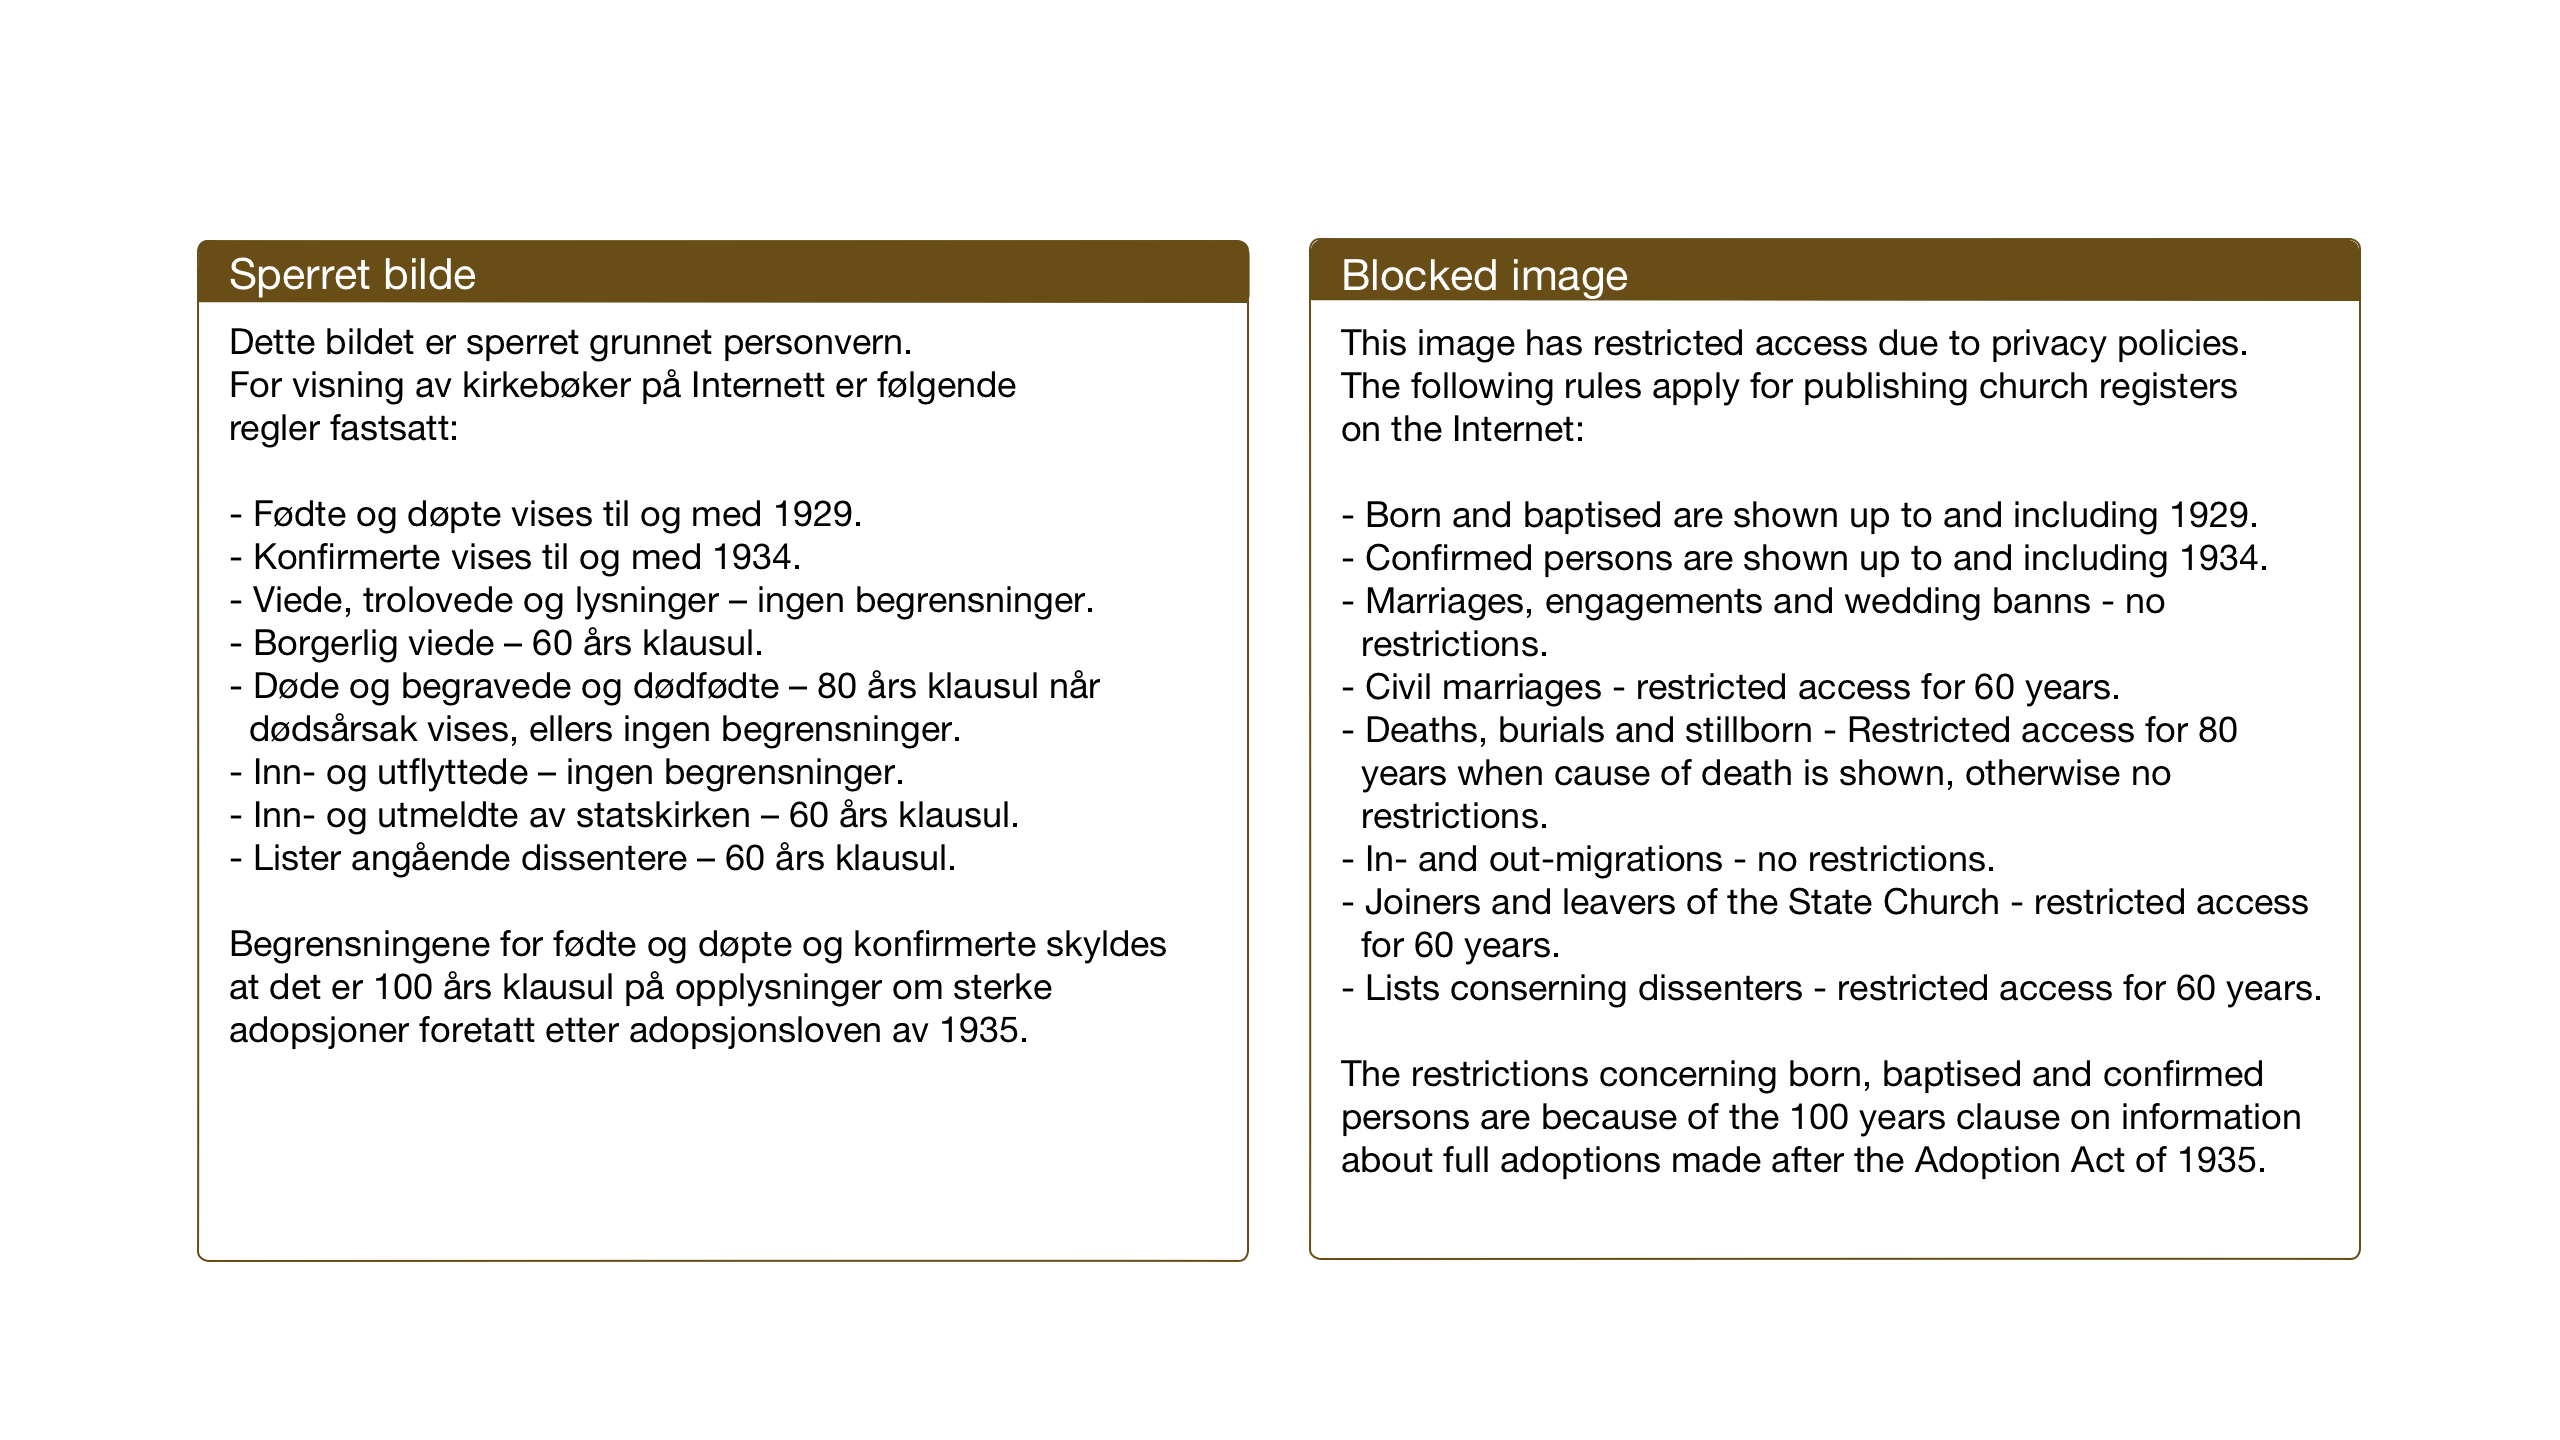 SAT, Ministerialprotokoller, klokkerbøker og fødselsregistre - Sør-Trøndelag, 690/L1053: Klokkerbok nr. 690C03, 1930-1947, s. 50